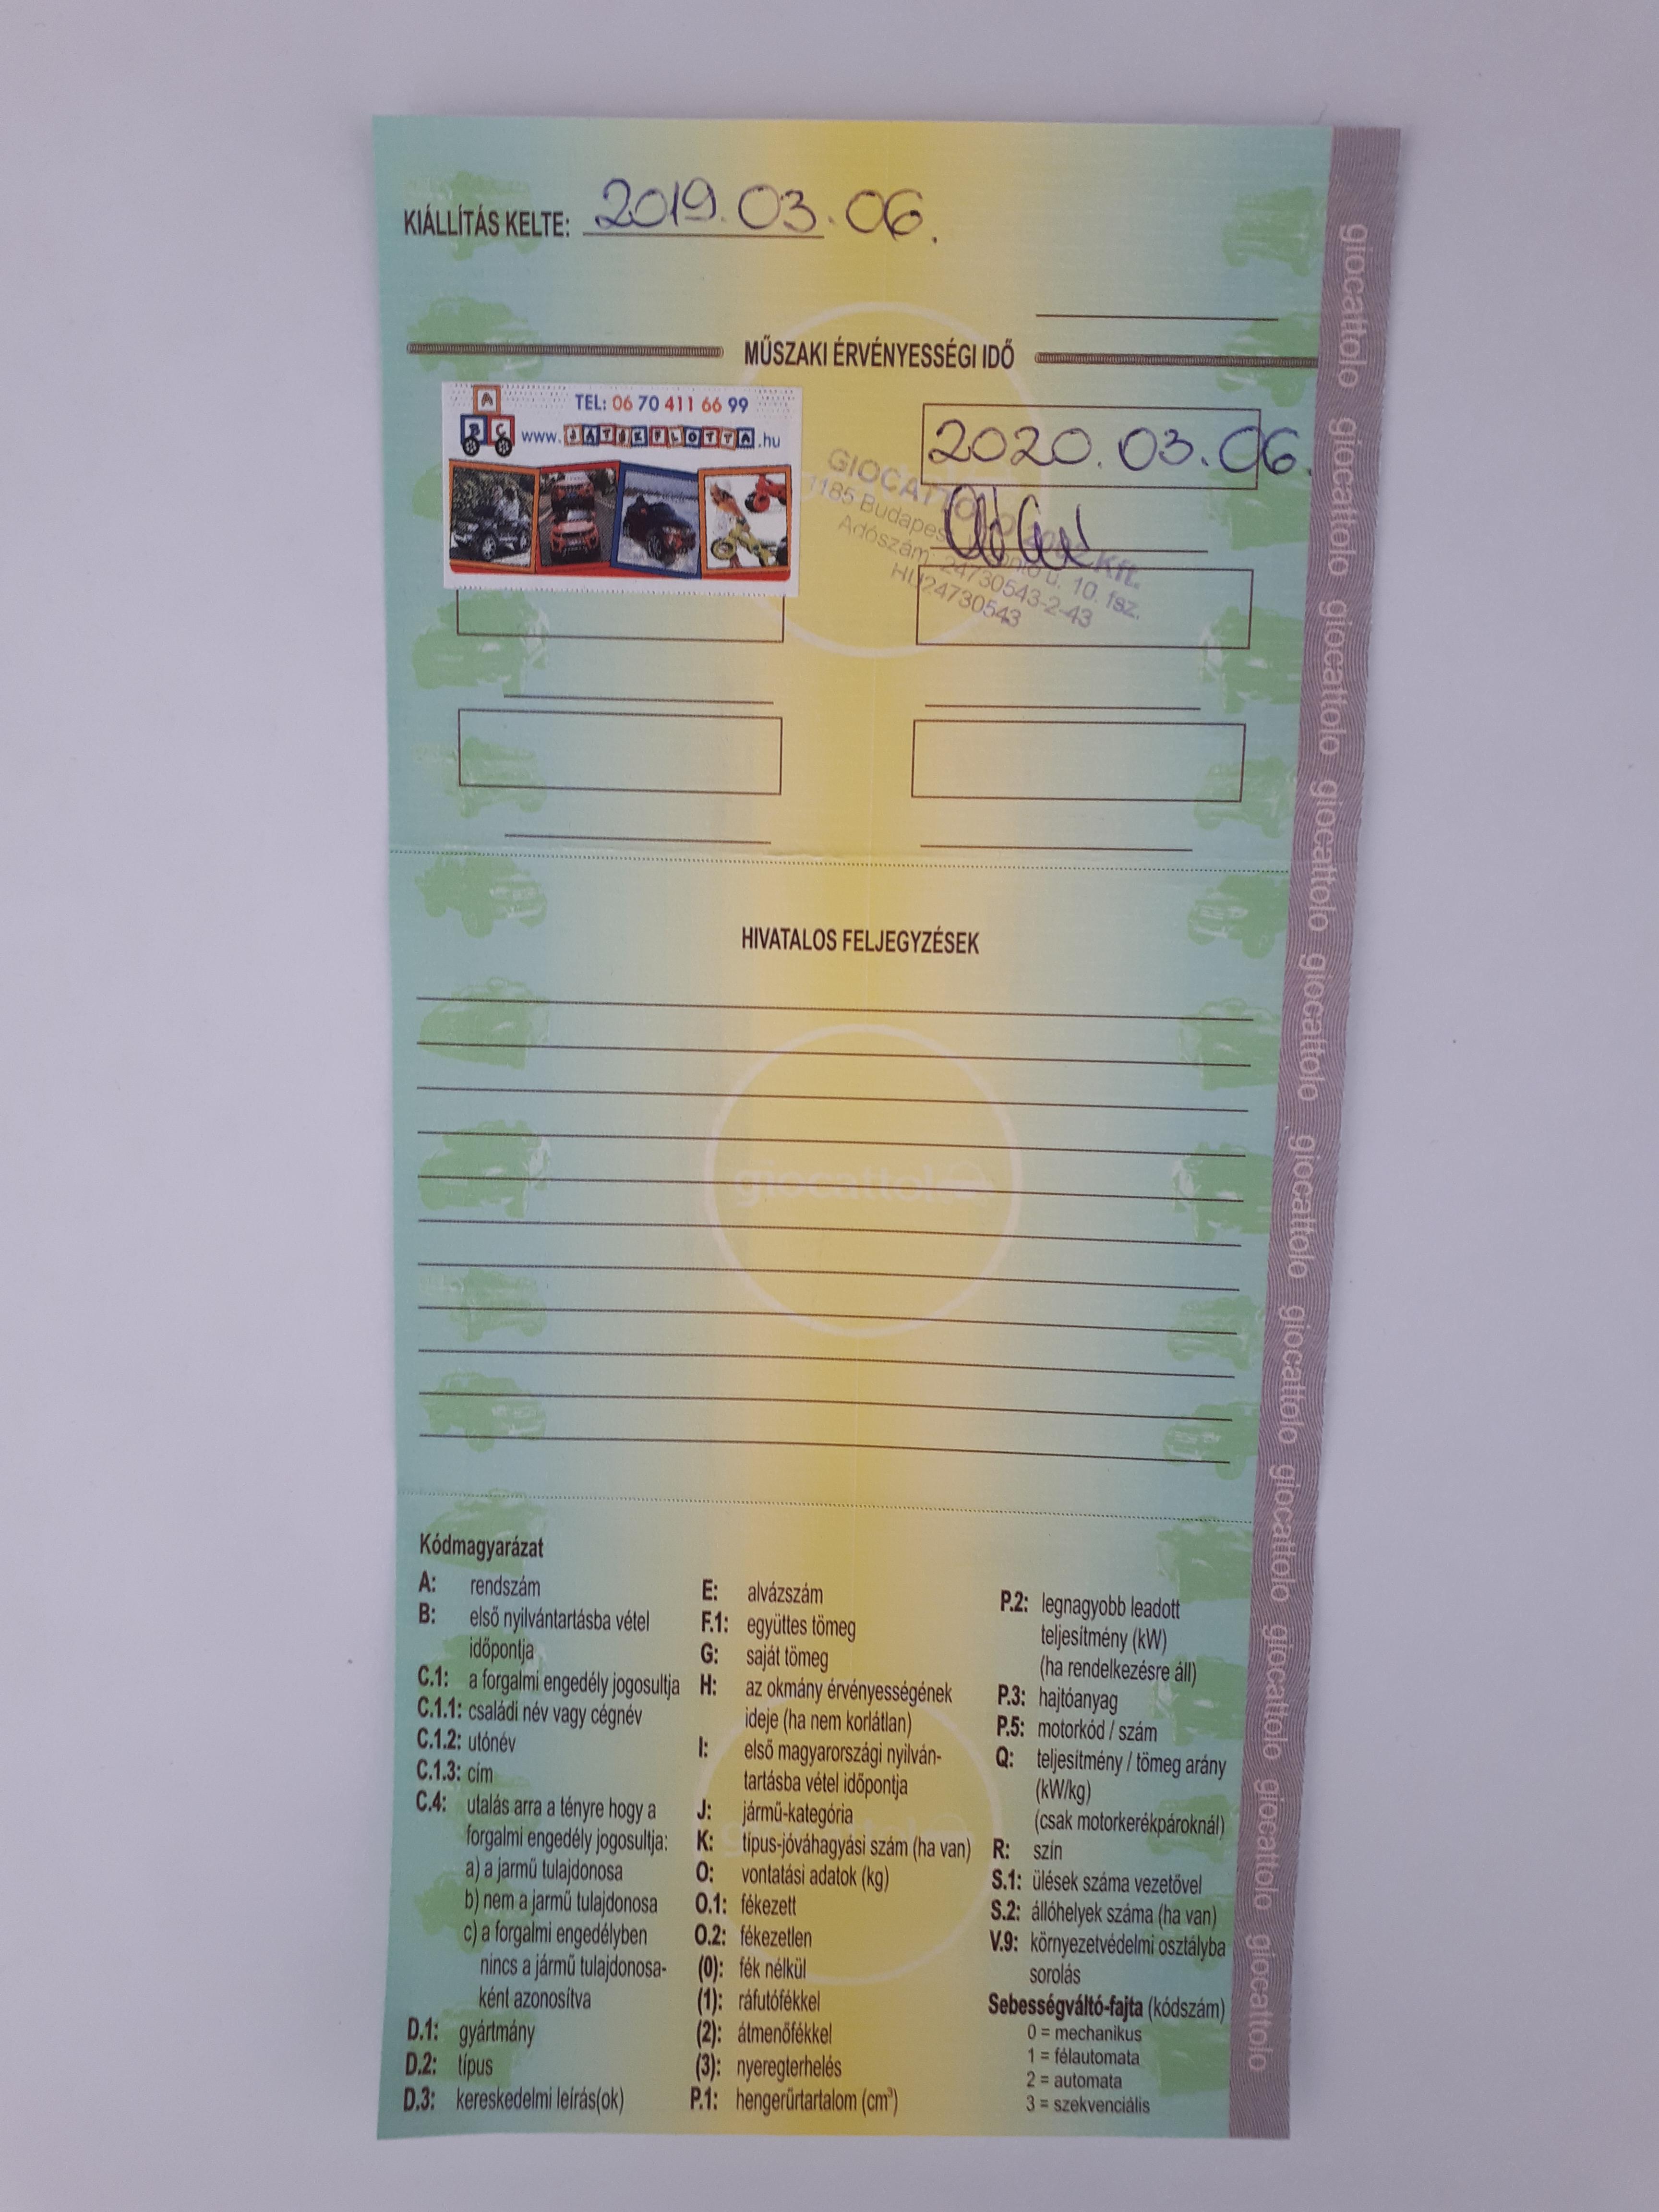 Kormányablak - Feladatkörök - Forgalmi engedély cseréjére irányuló kérelem